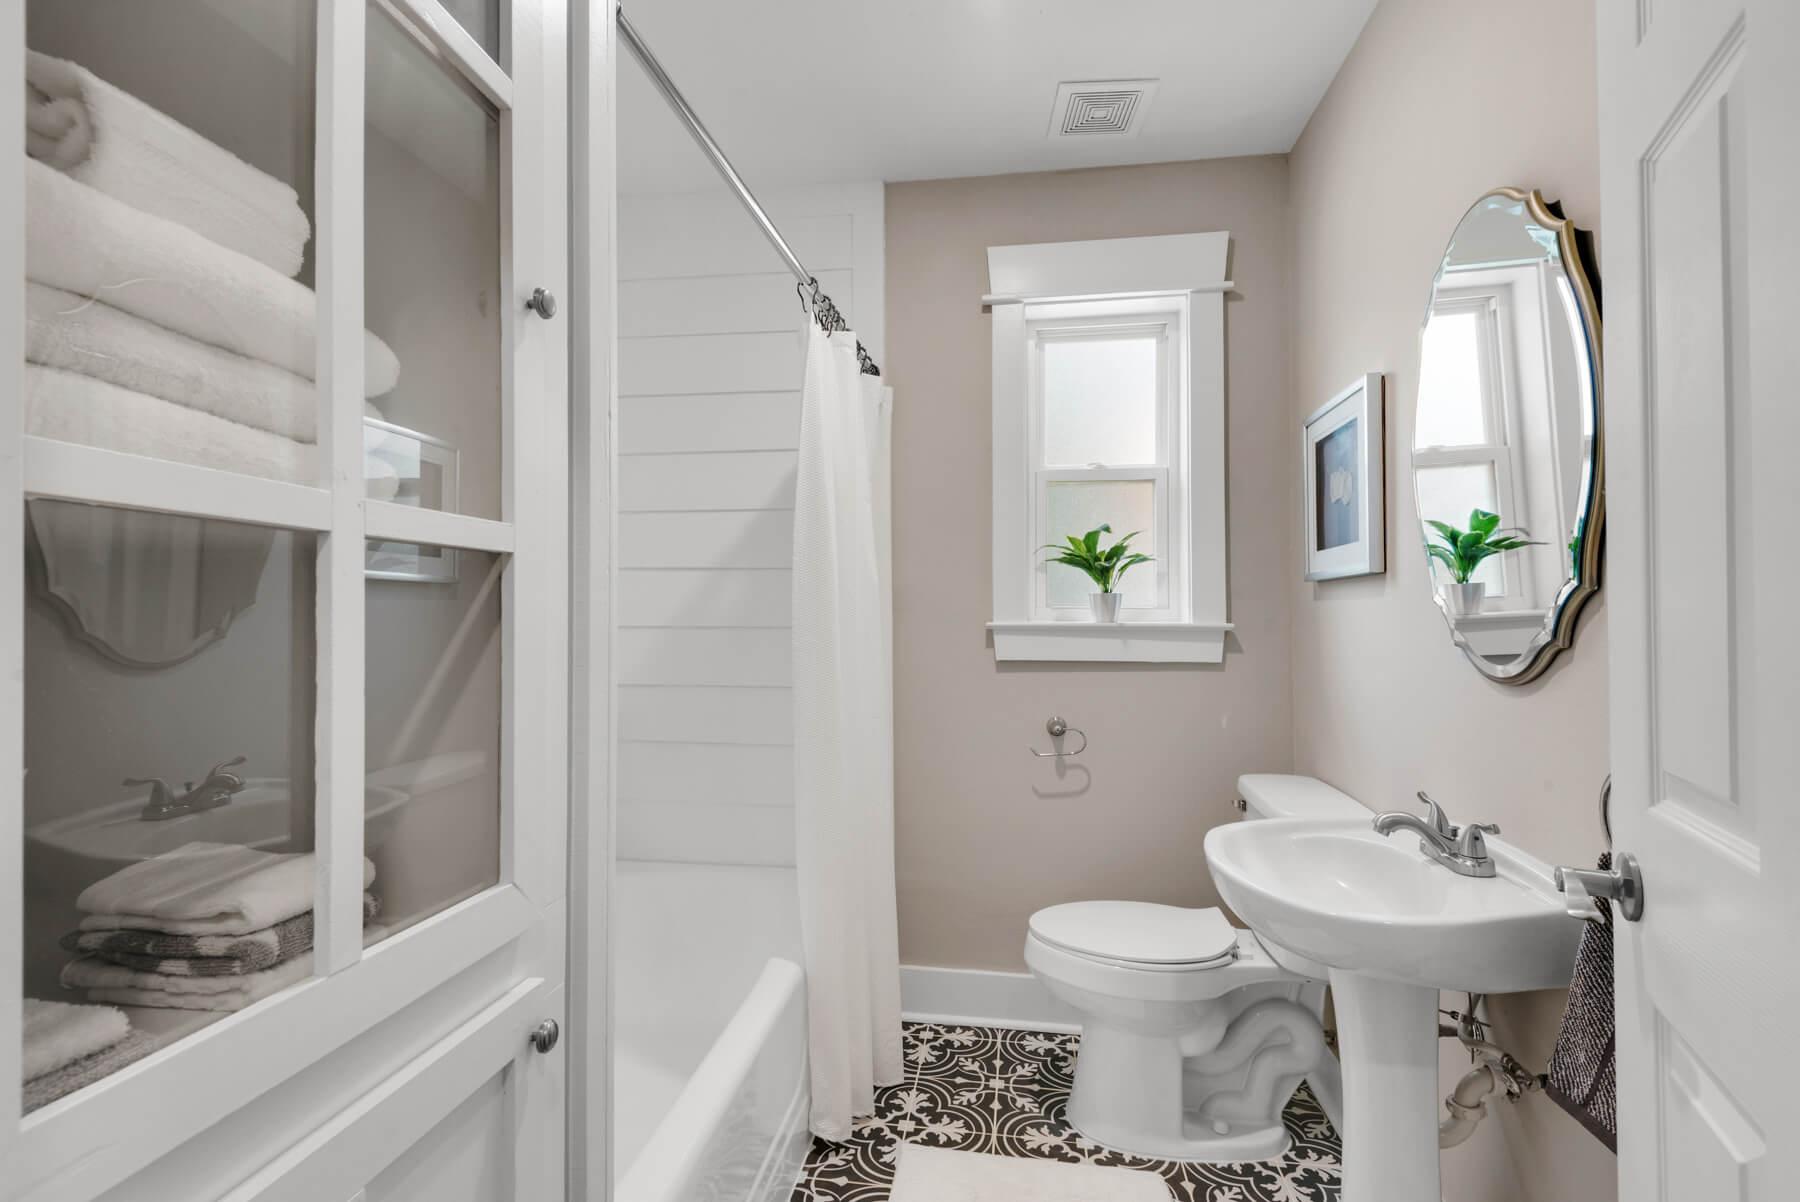 531gayfer.com movetobaldwincounty.com Urban Property 373